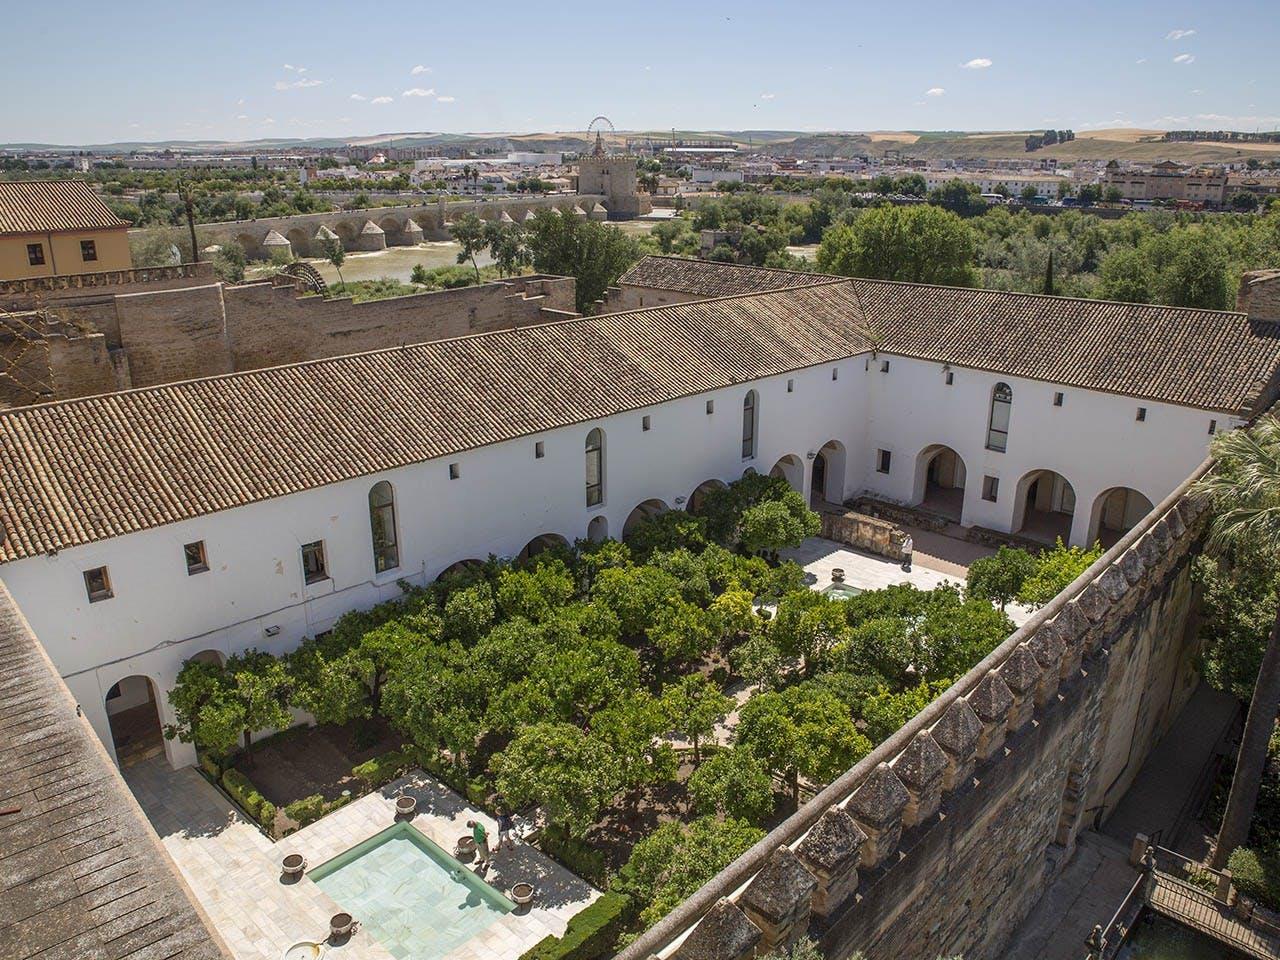 Visita guiada al Alcázar de los Reyes Cristianos de Córdoba-5